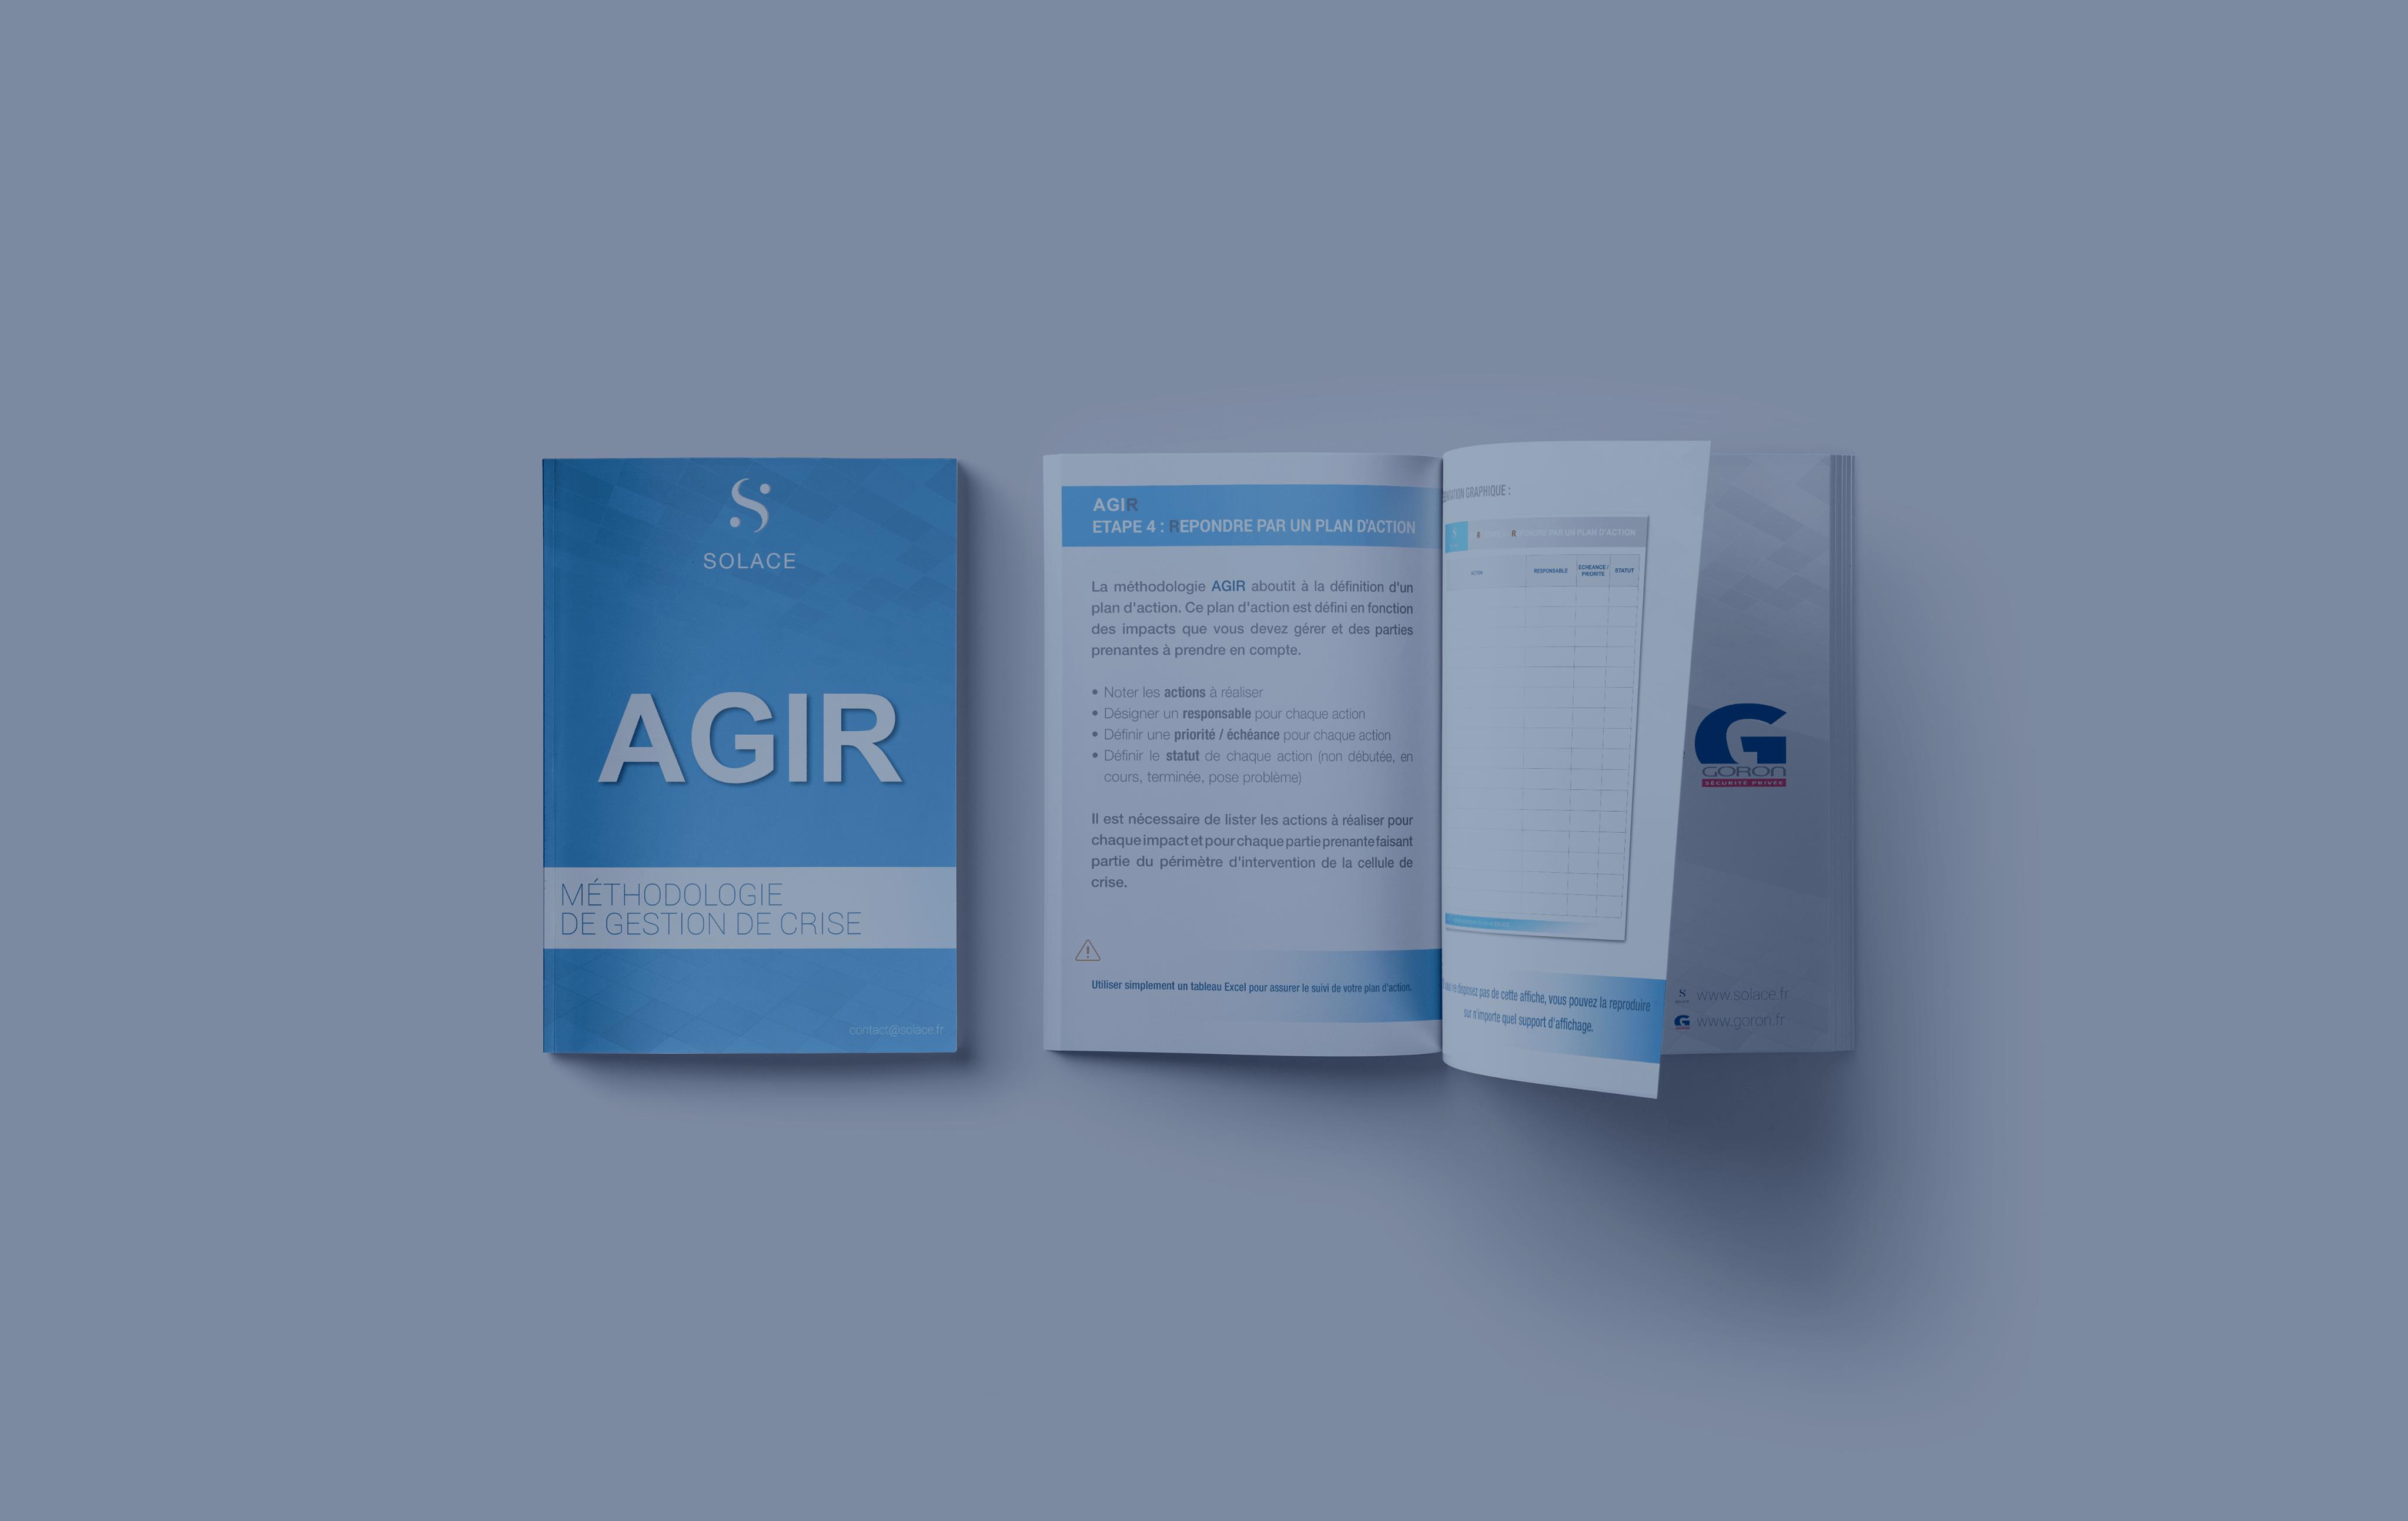 Découvrez le guide AGIR de Solace pour la gestion de crise